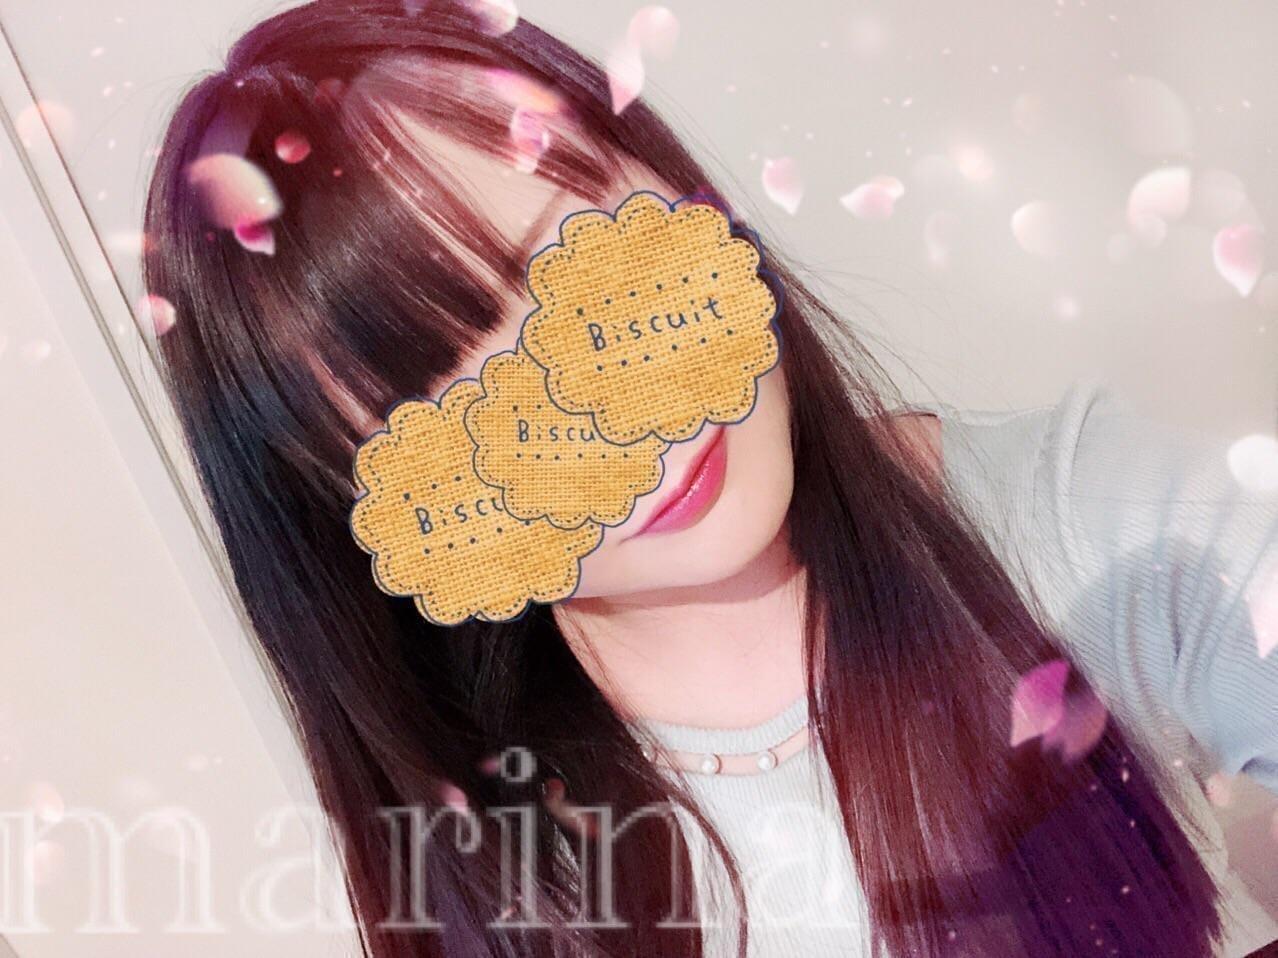 「声聞かせてね(*^^*)」06/26(水) 23:10 | まりなの写メ・風俗動画